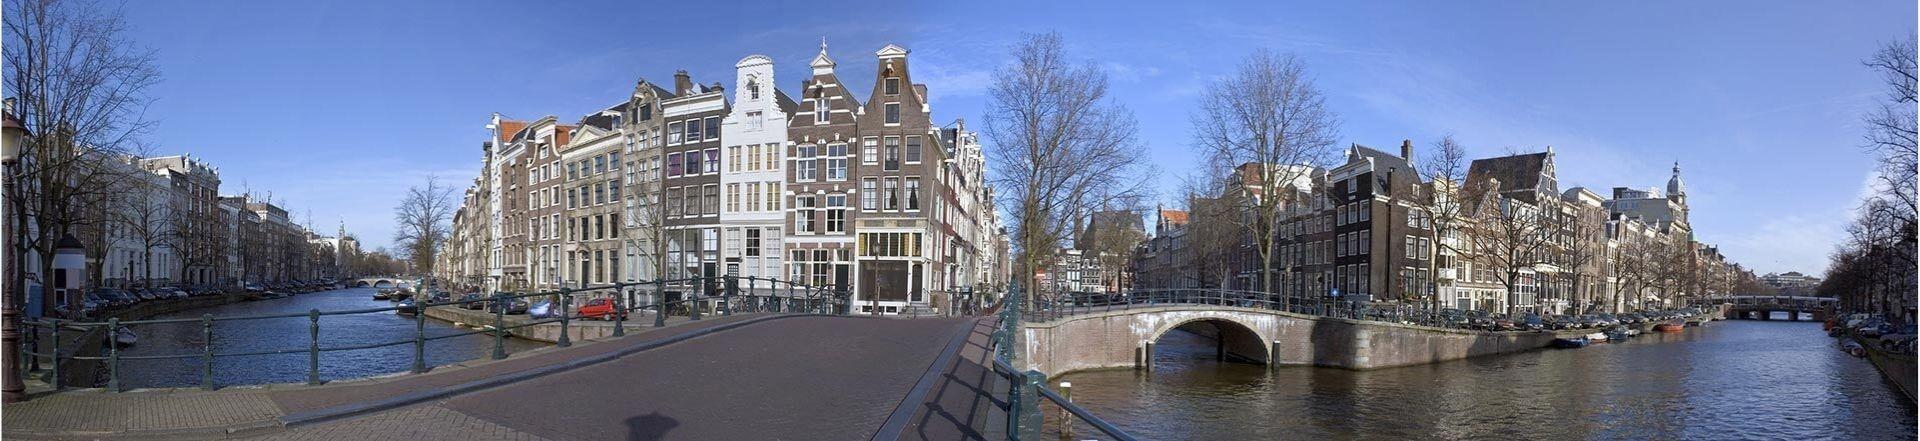 Ontslag staande voet supermarkt schuldigverklaring advocaat Amsterdam